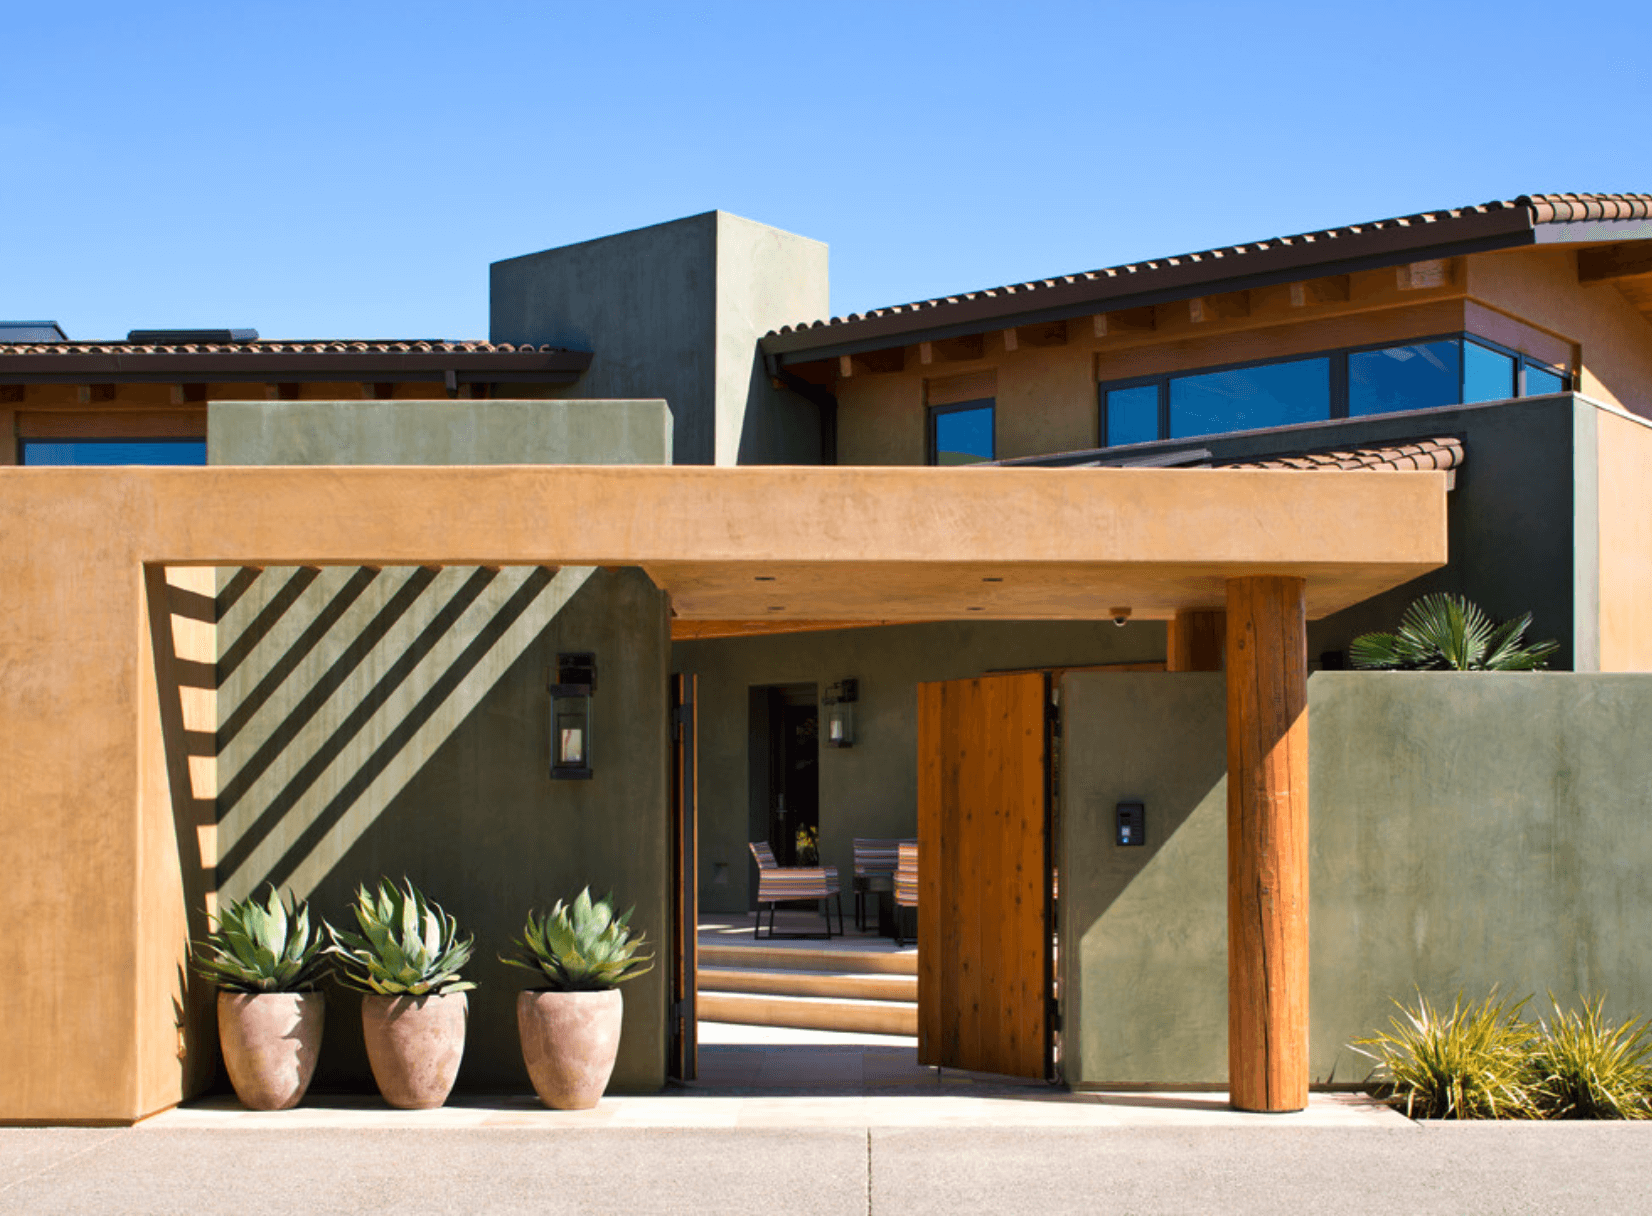 Casa de campo como projetar arquidicas for Fachadas de casas de campo